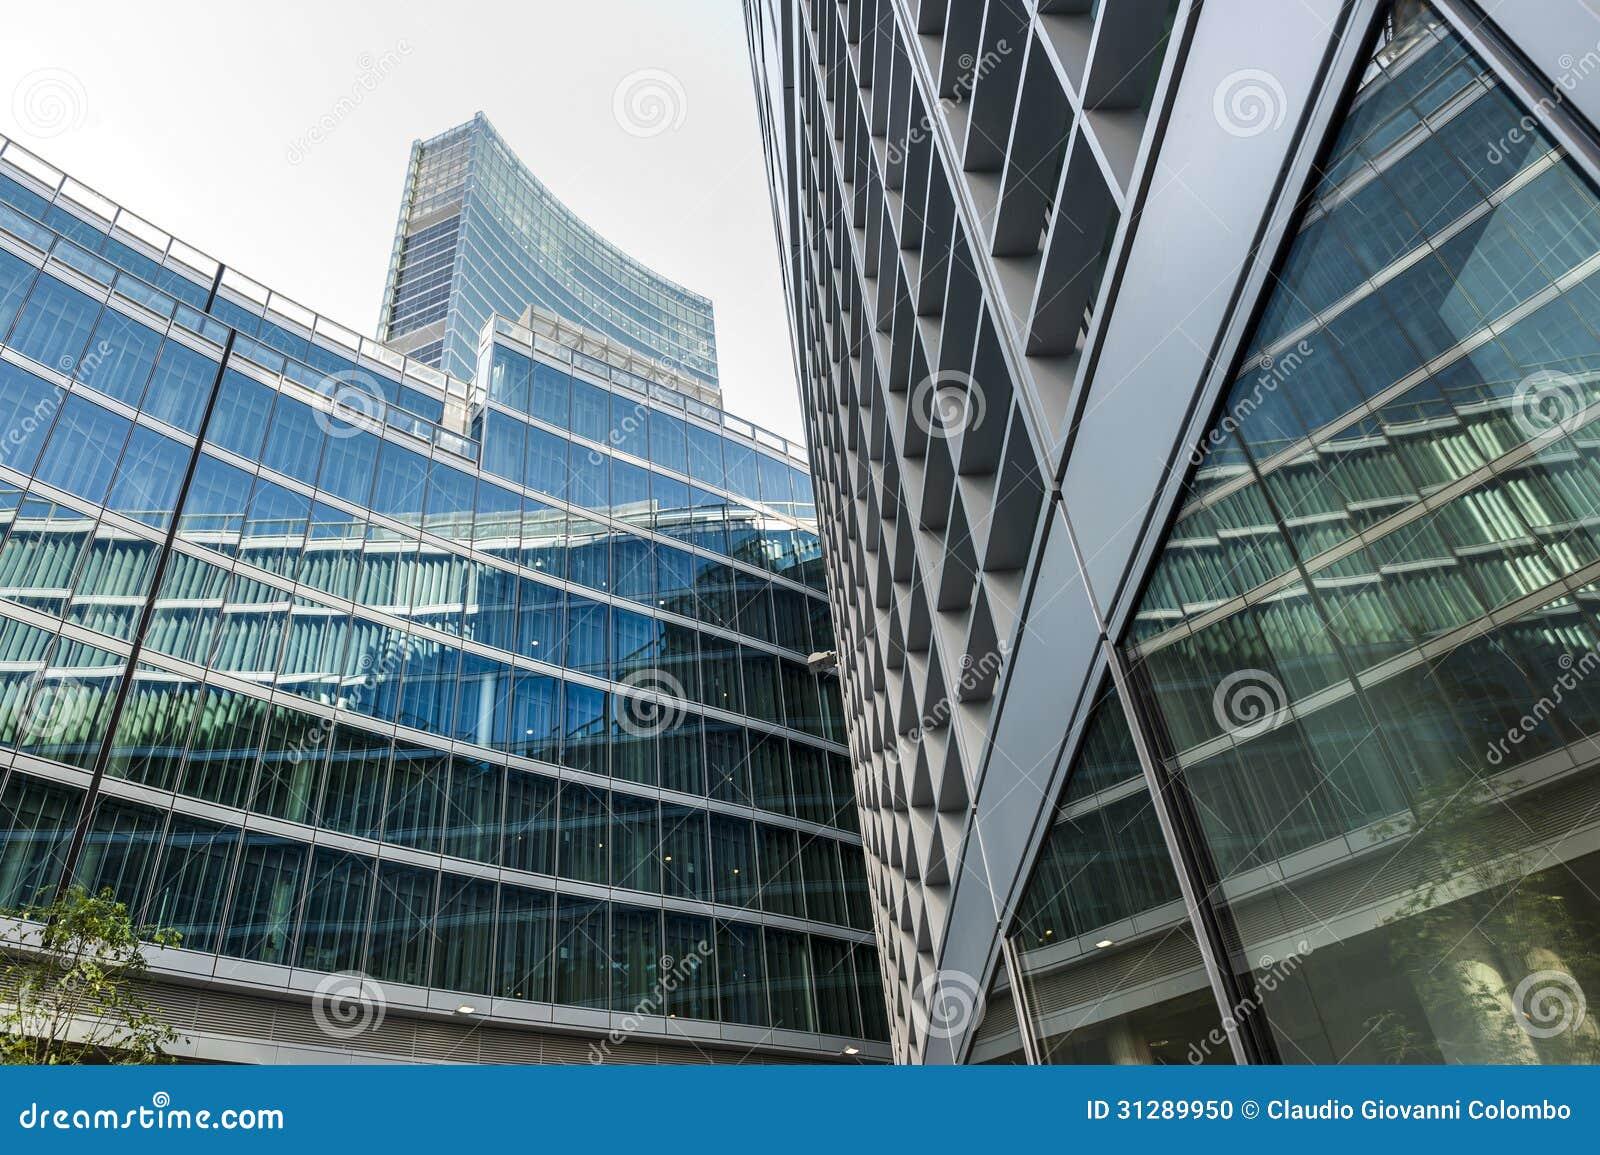 Edifici per uffici moderni a milano lombardia italia for Uffici moderni